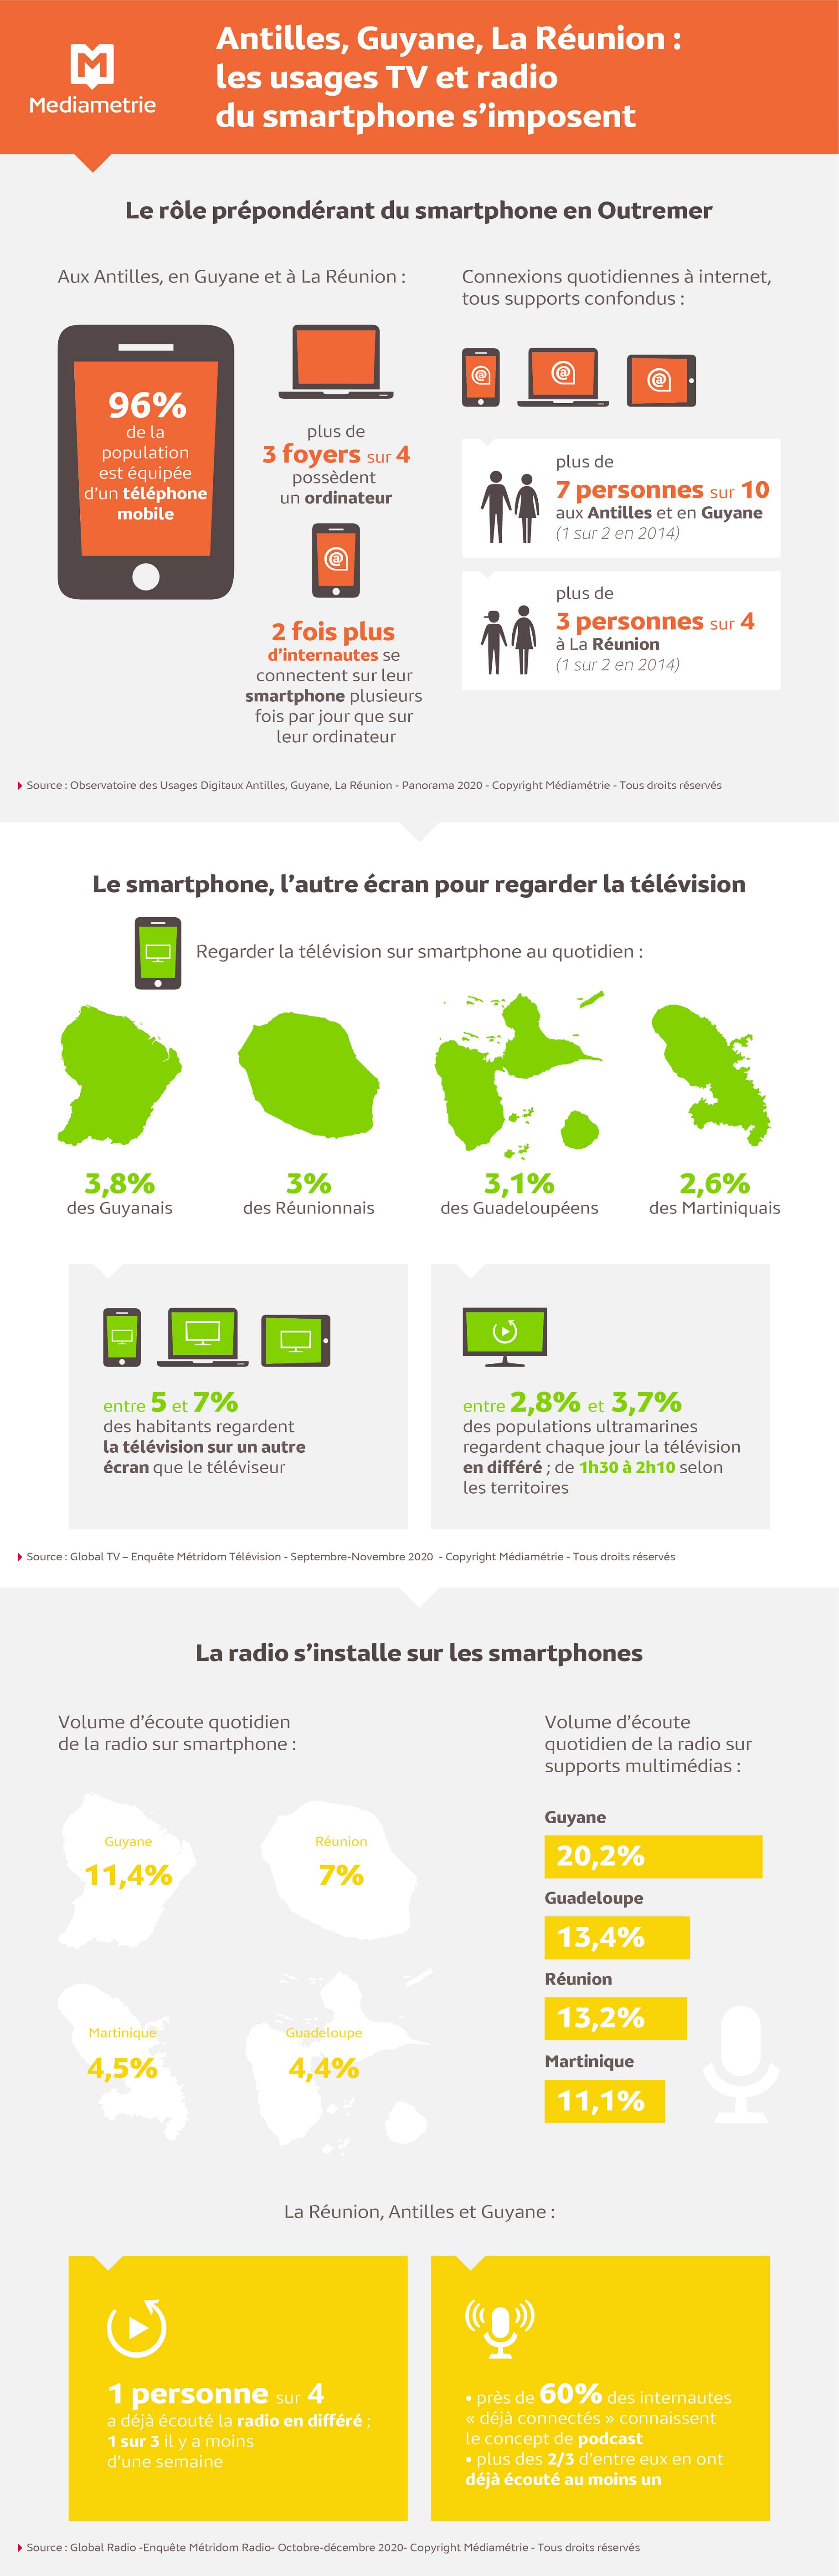 Les utilisations TV et radio du smartphone s'imposent aux Antilles-Guyane et à La Réunion